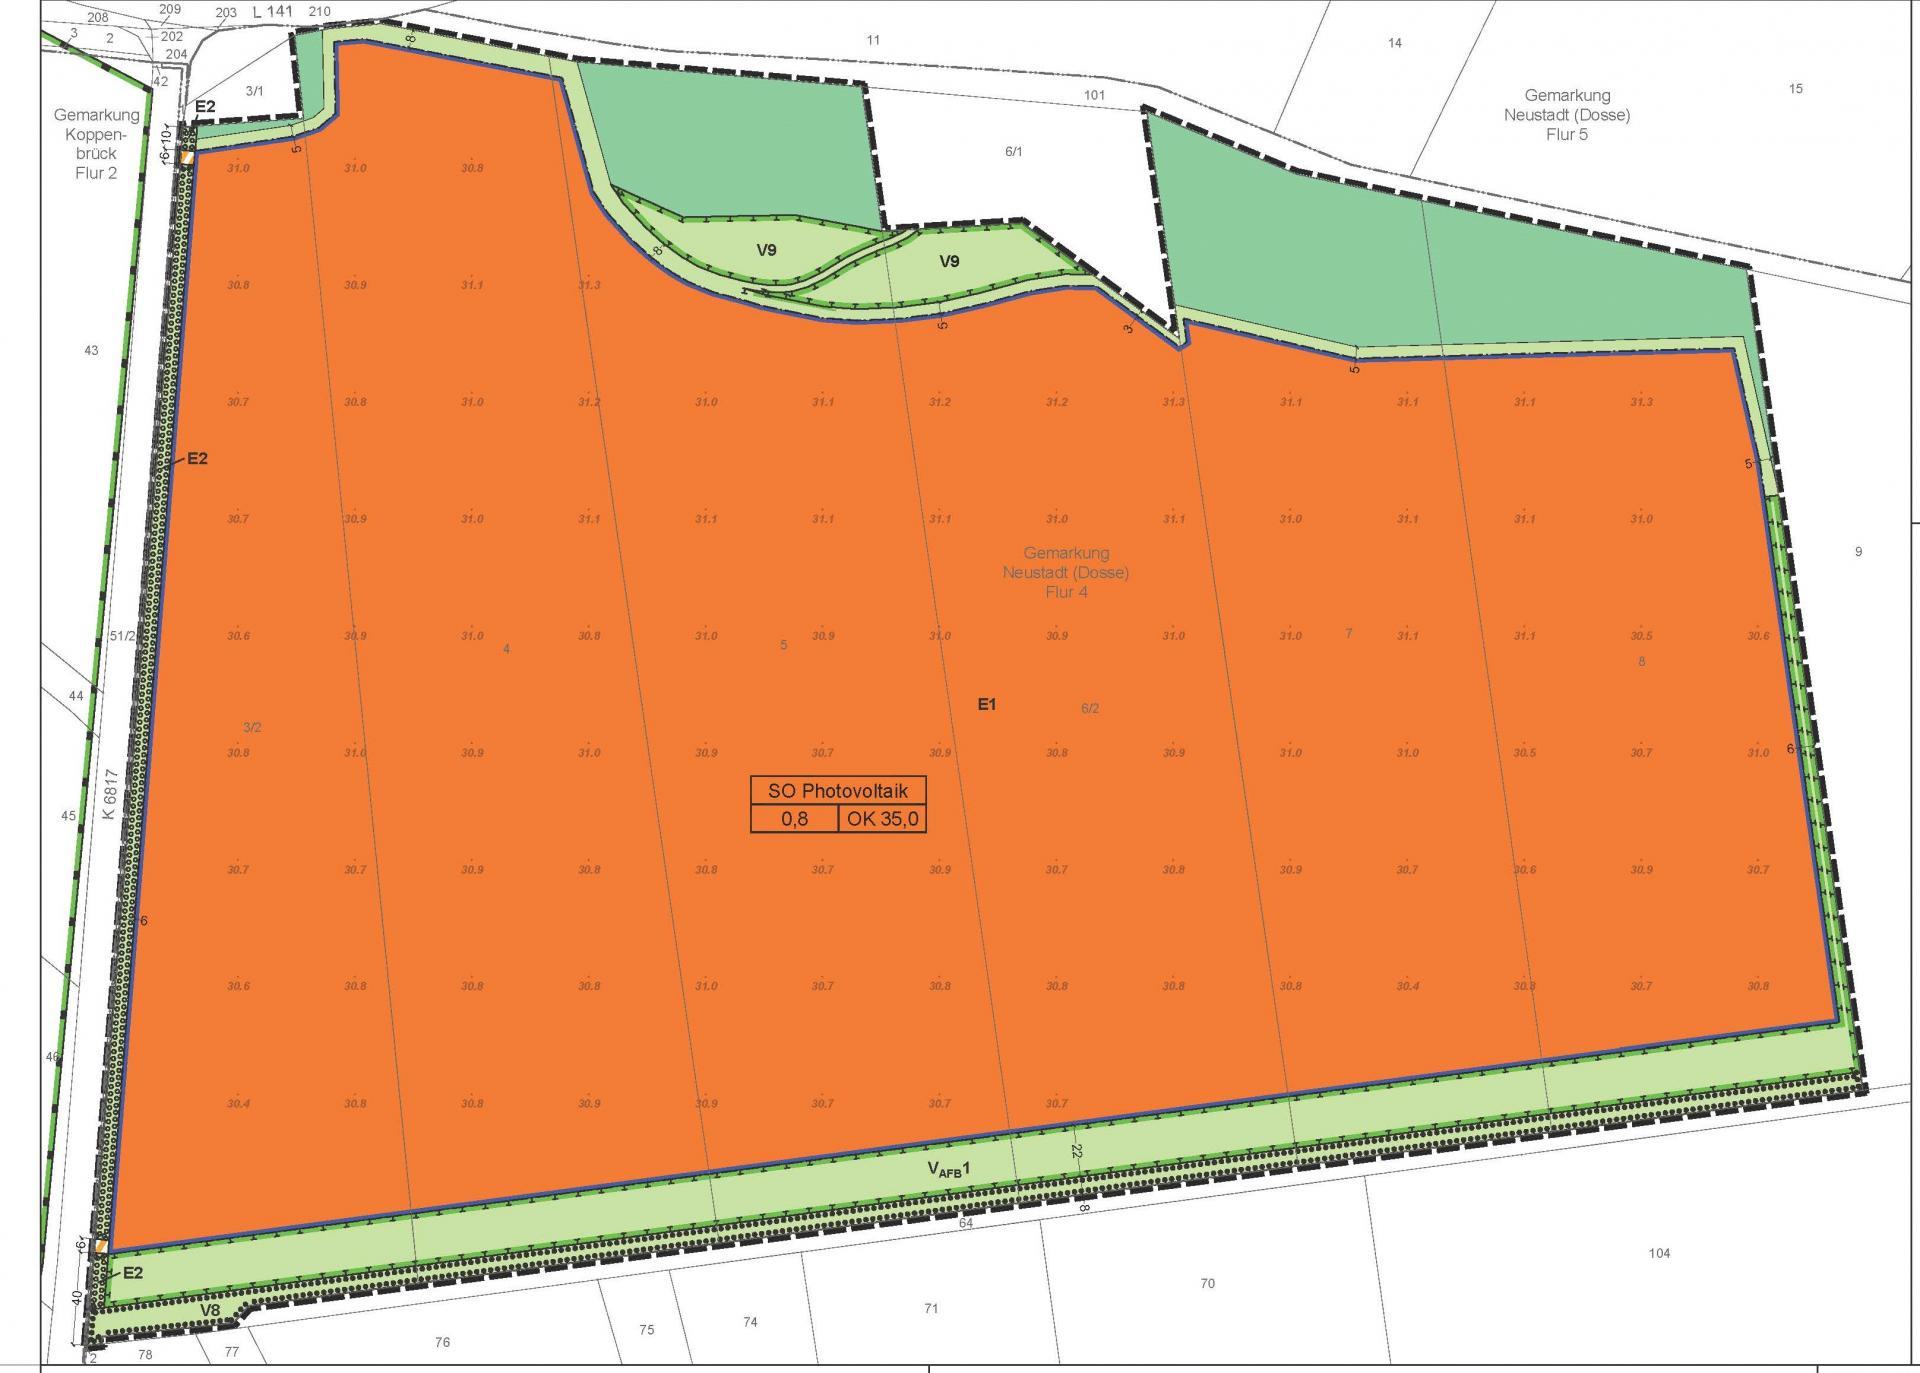 Planzeichnung B-Plan Wolfsgarten